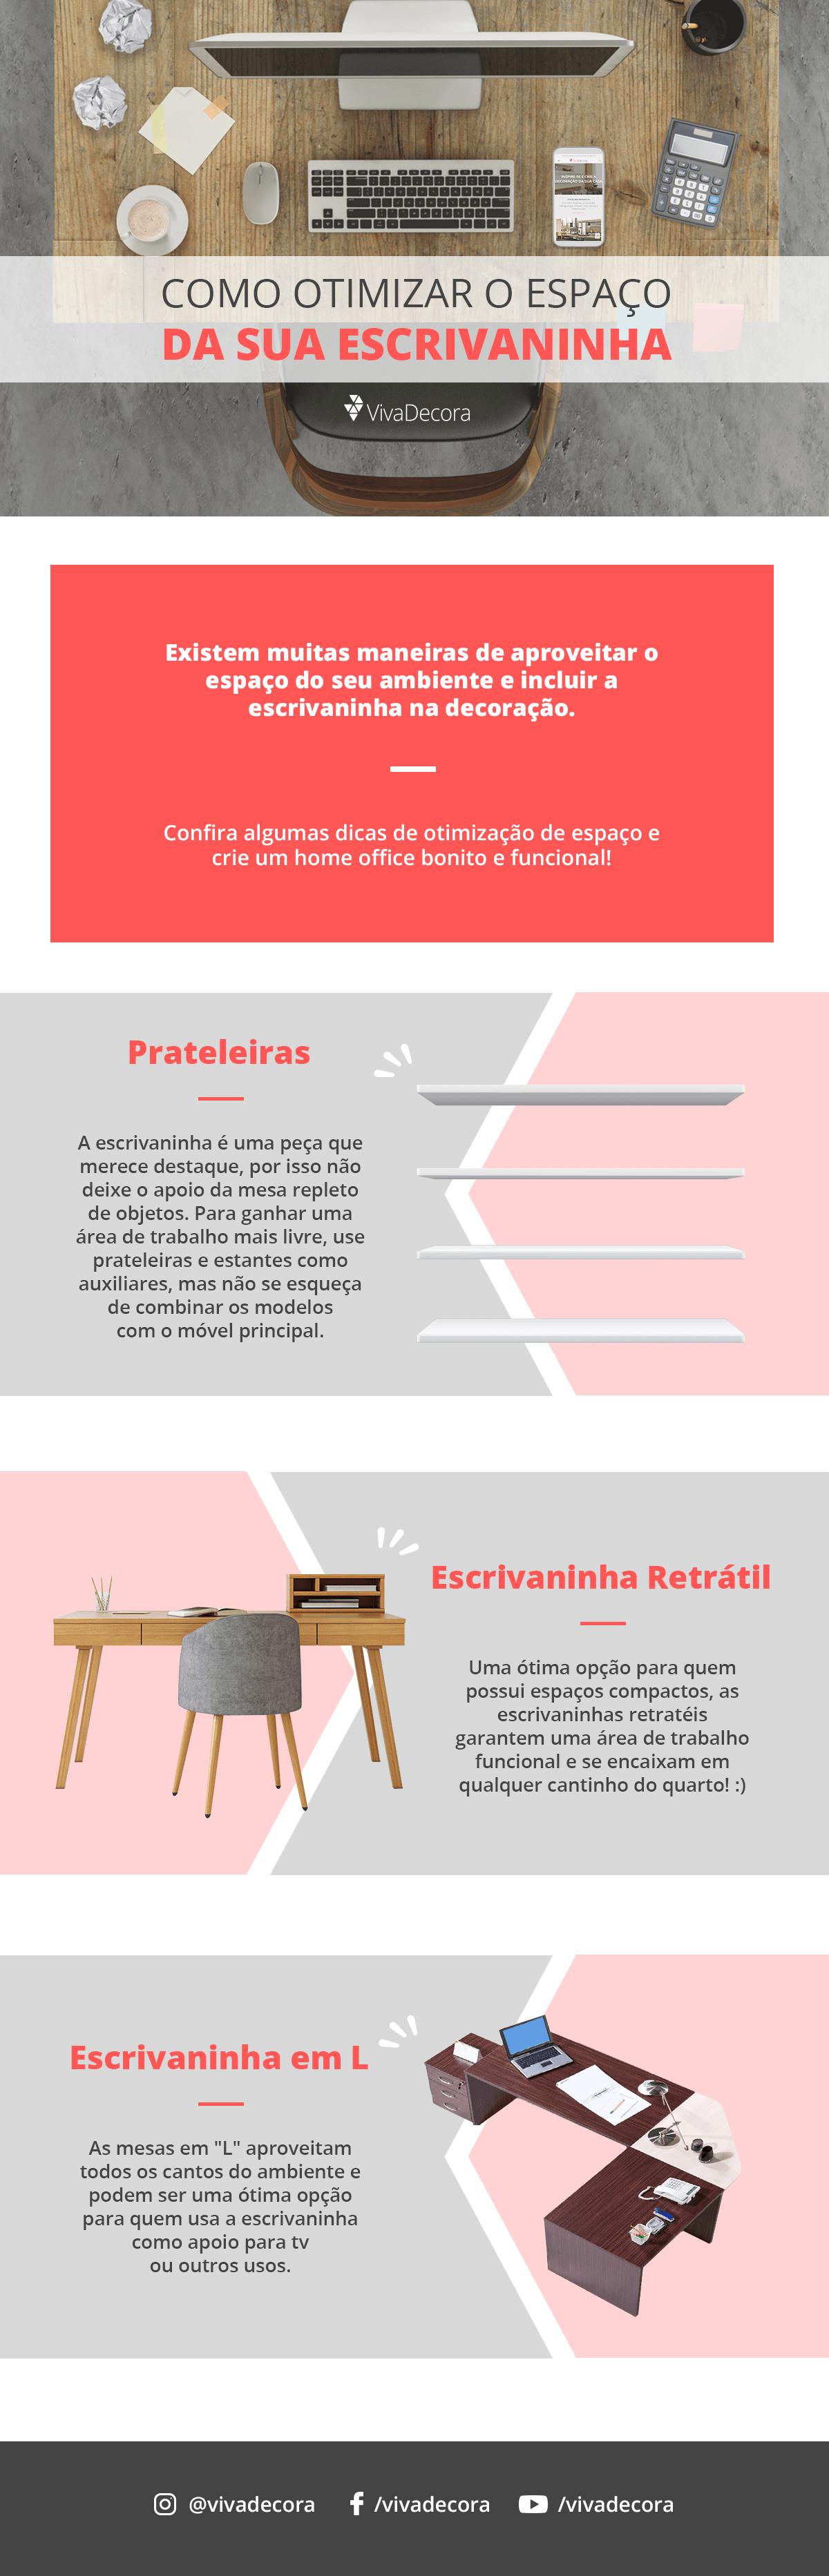 Infográfico - Como otimizar o espaço da escrivaninha